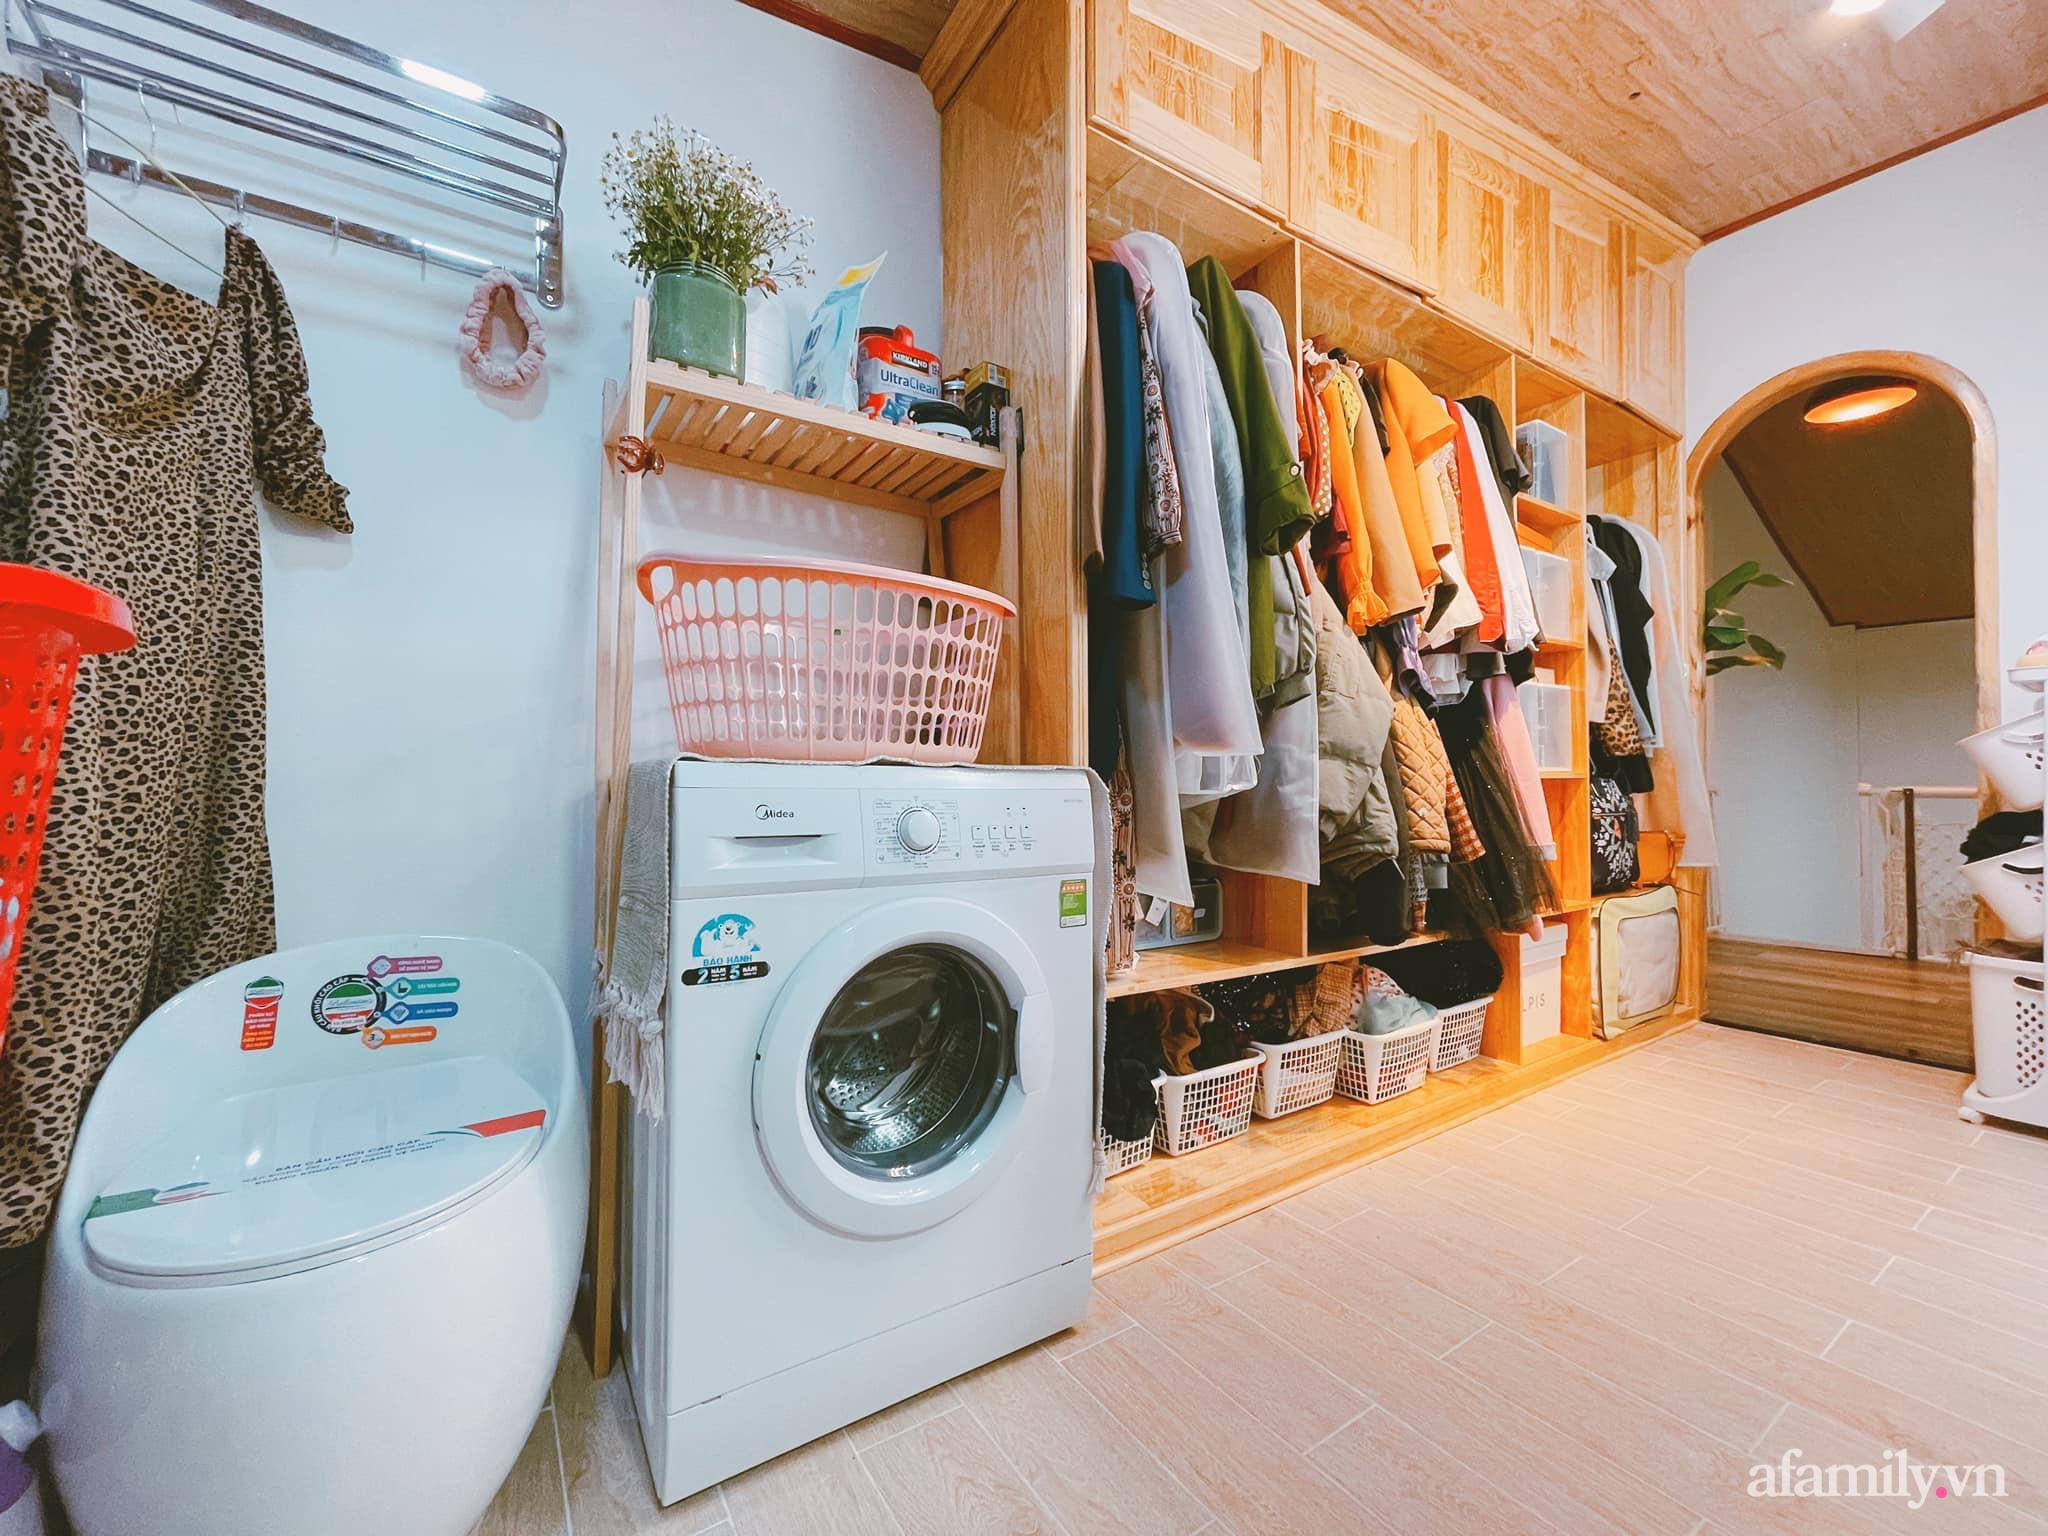 Mua lại căn nhà 63m², cặp vợ chồng trẻ cải tạo thành không gian sống ấm cúng, tiện nghi đủ đường ở Đà Lạt - Ảnh 21.